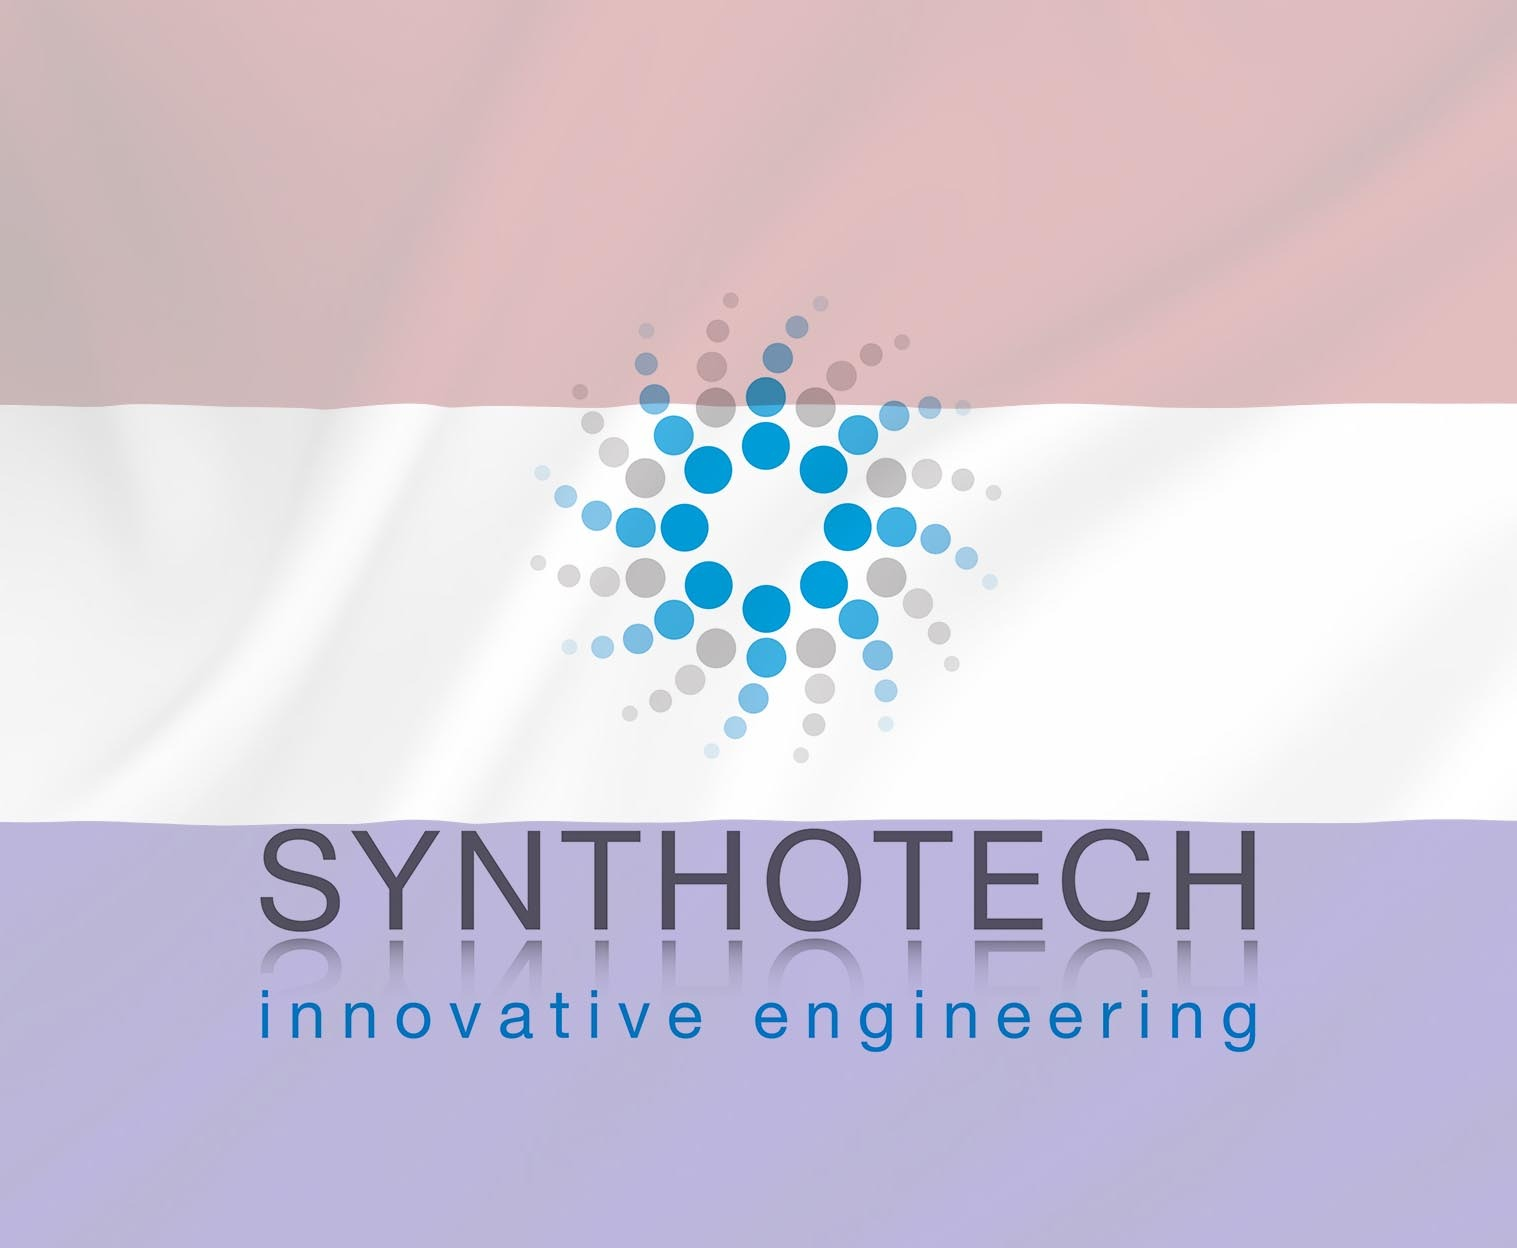 Synthotech netherlands3